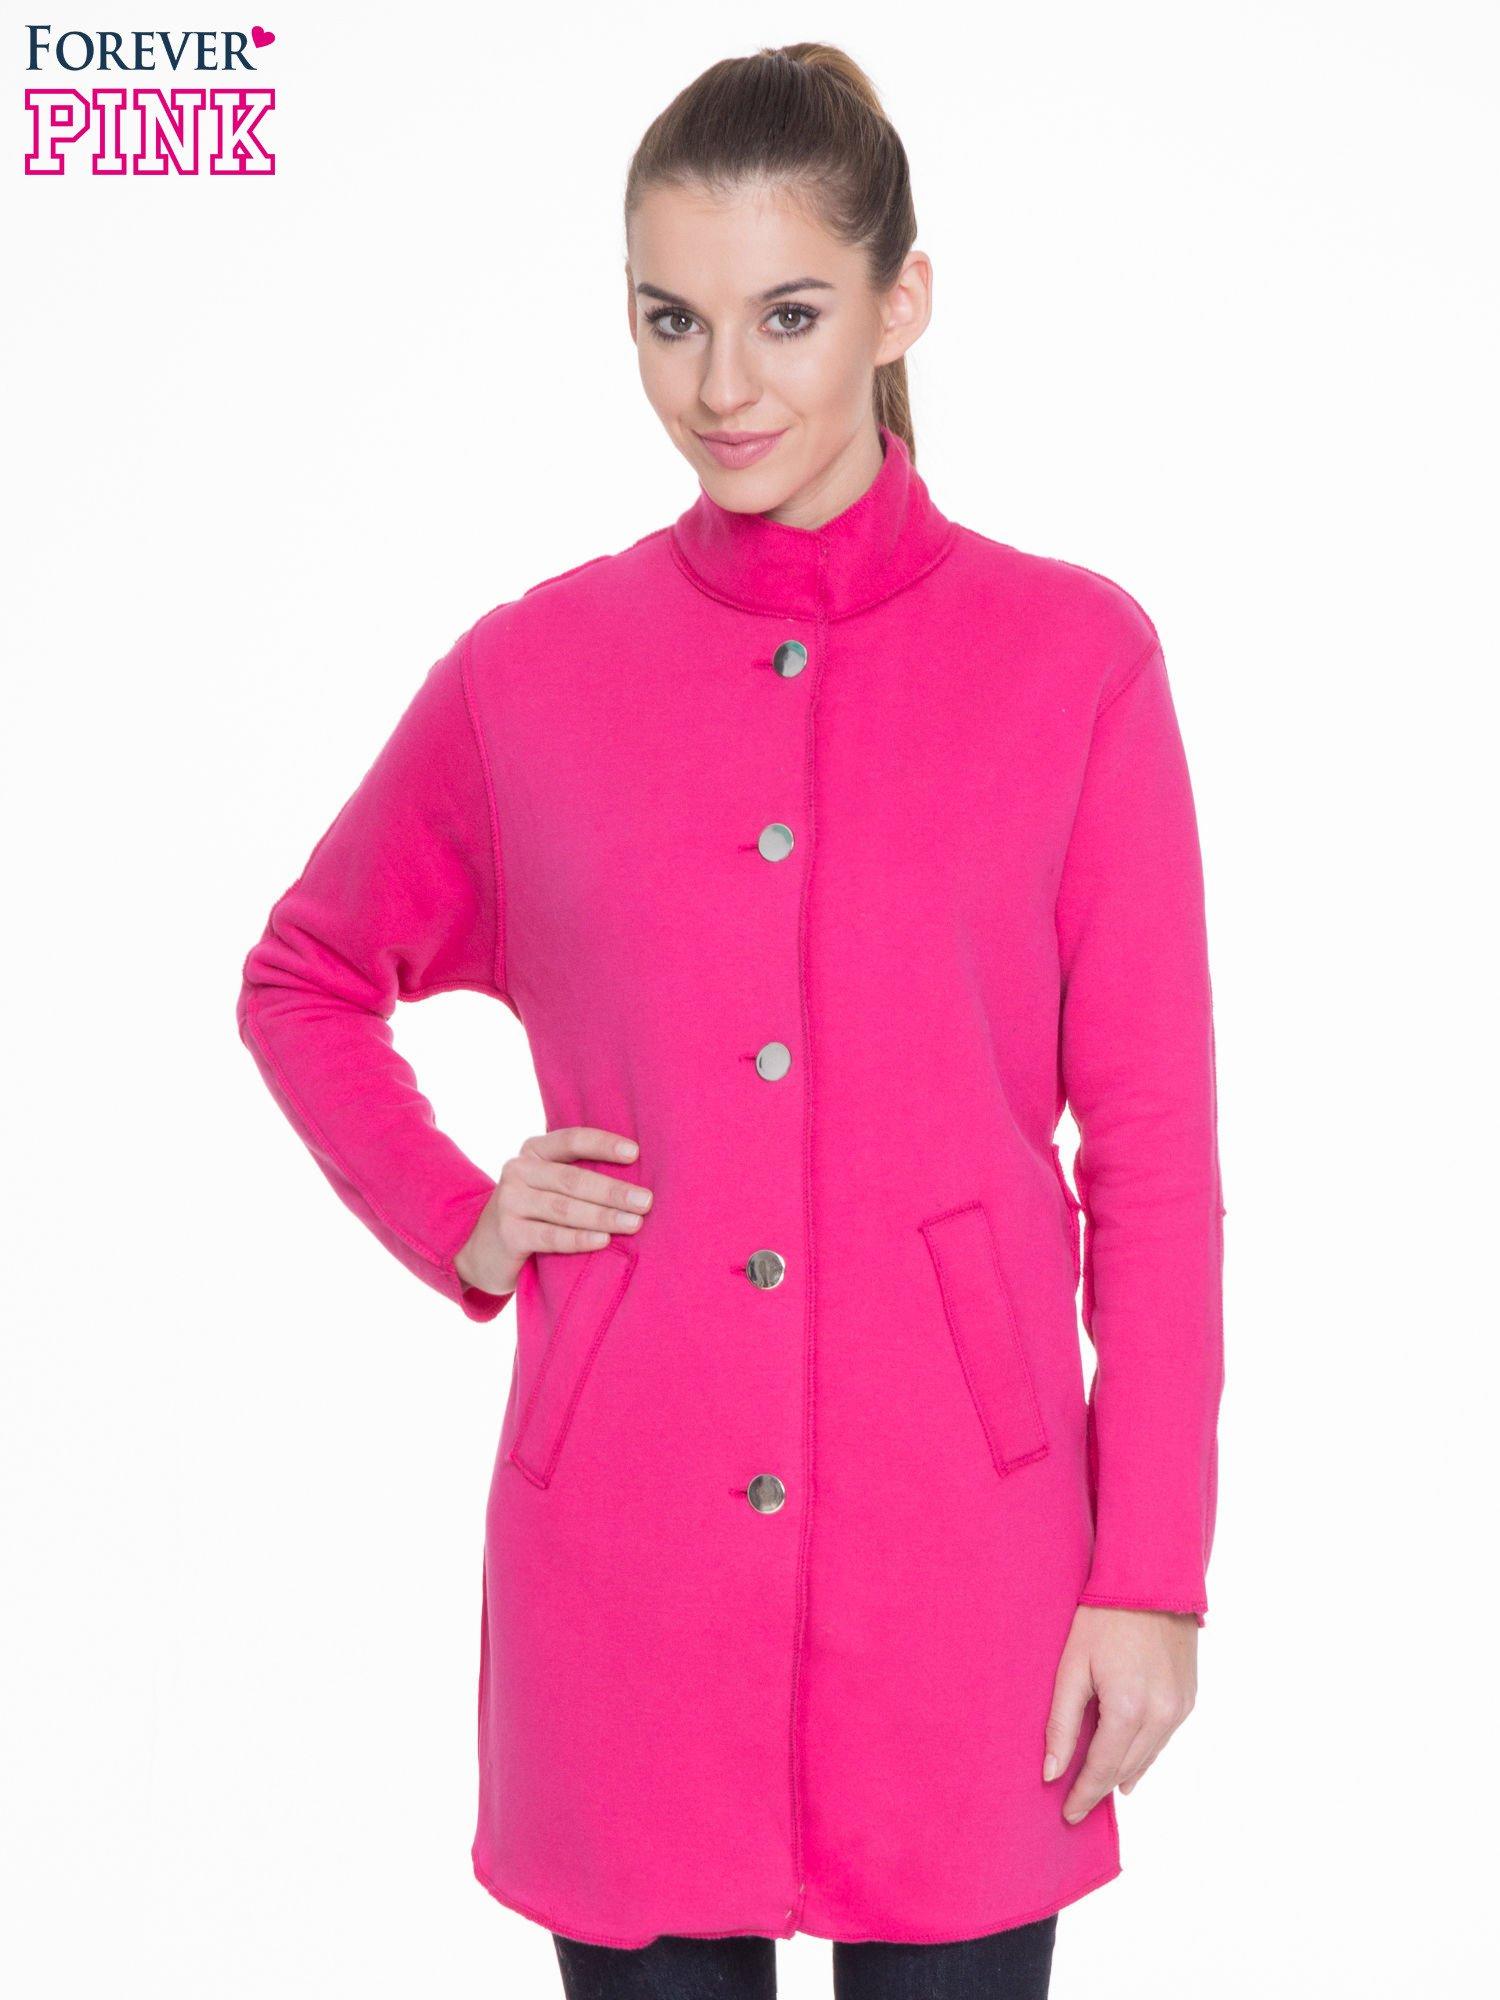 Różowy dresowy płaszcz o kroju oversize                                  zdj.                                  1